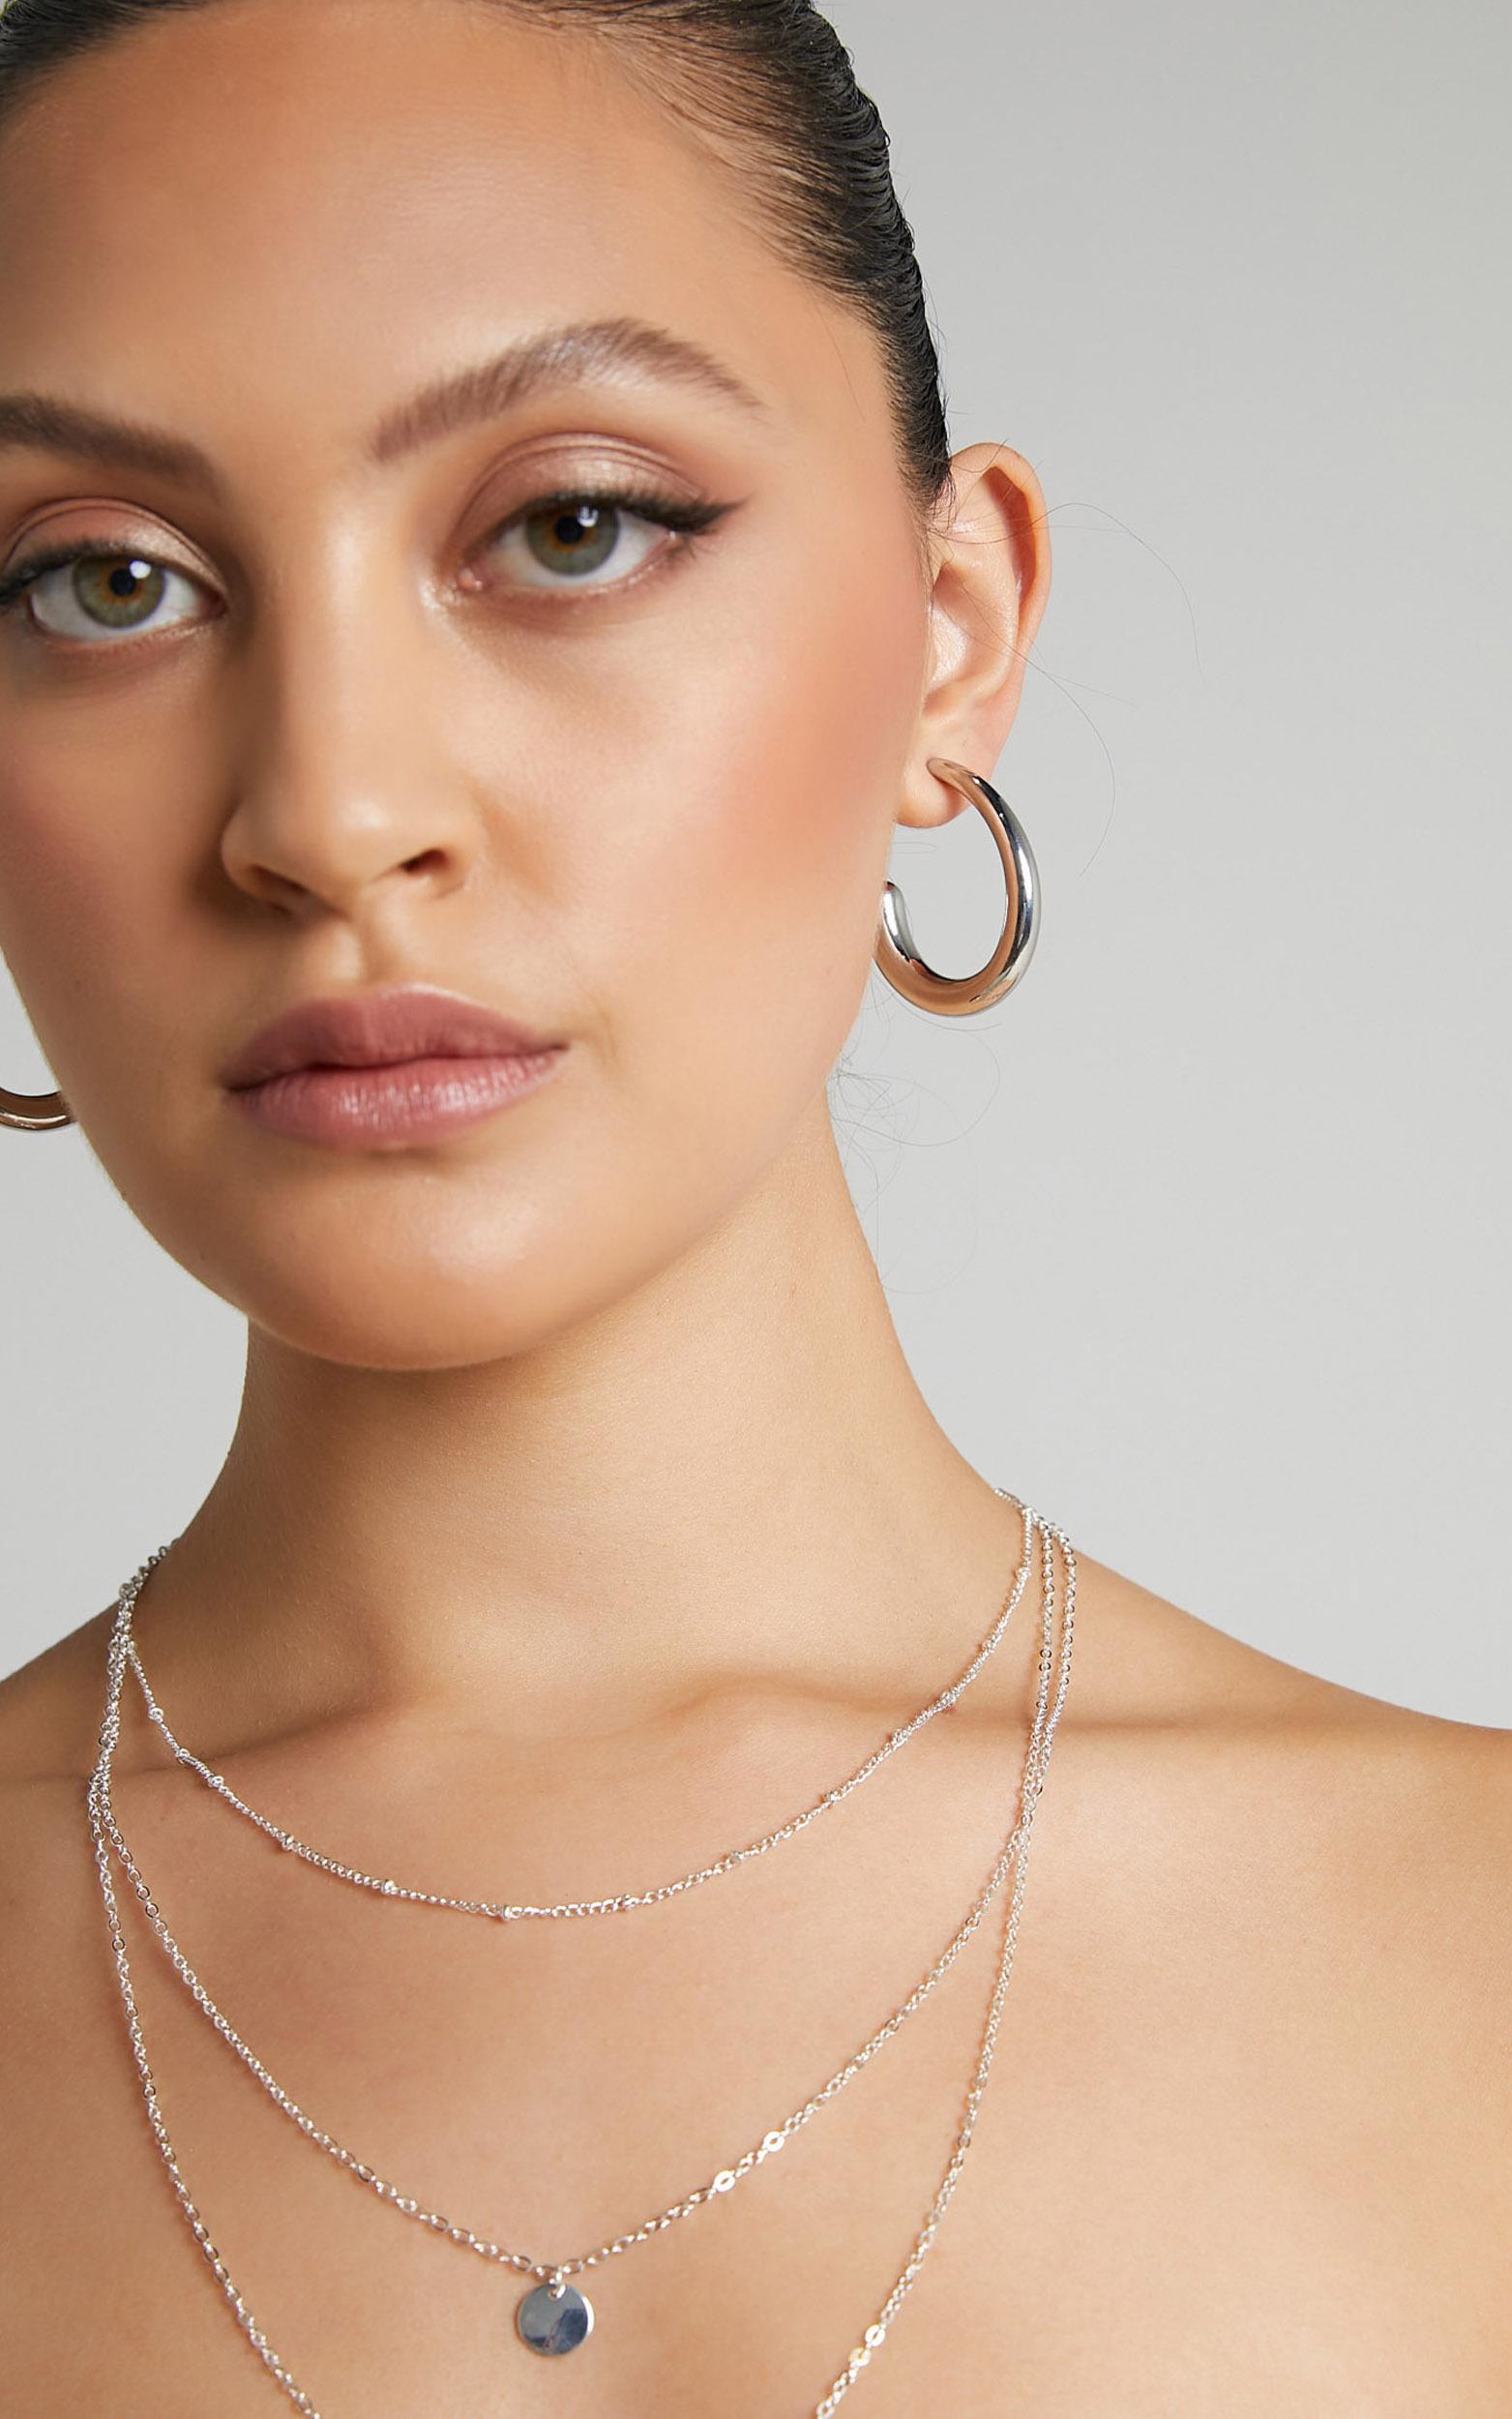 Apsel Earrings in Silver, SLV2, hi-res image number null